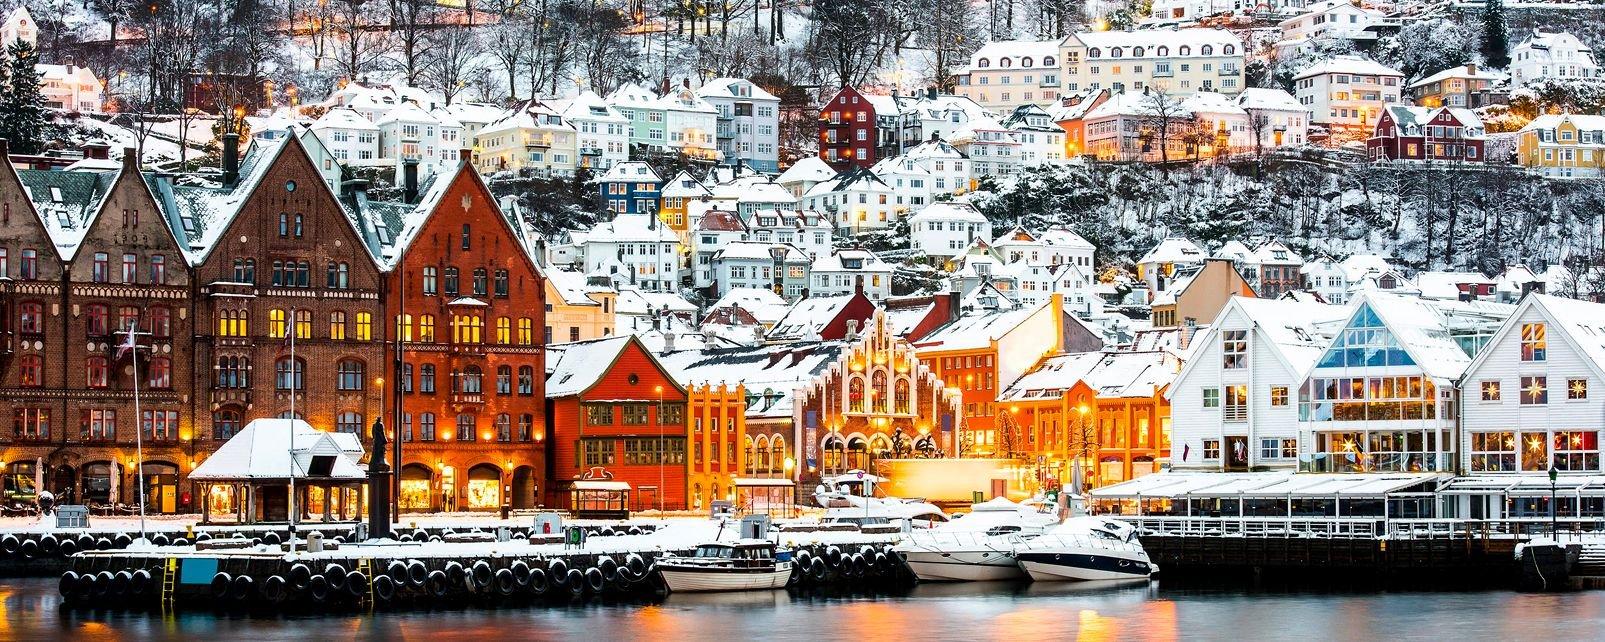 Site de rencontre norvege